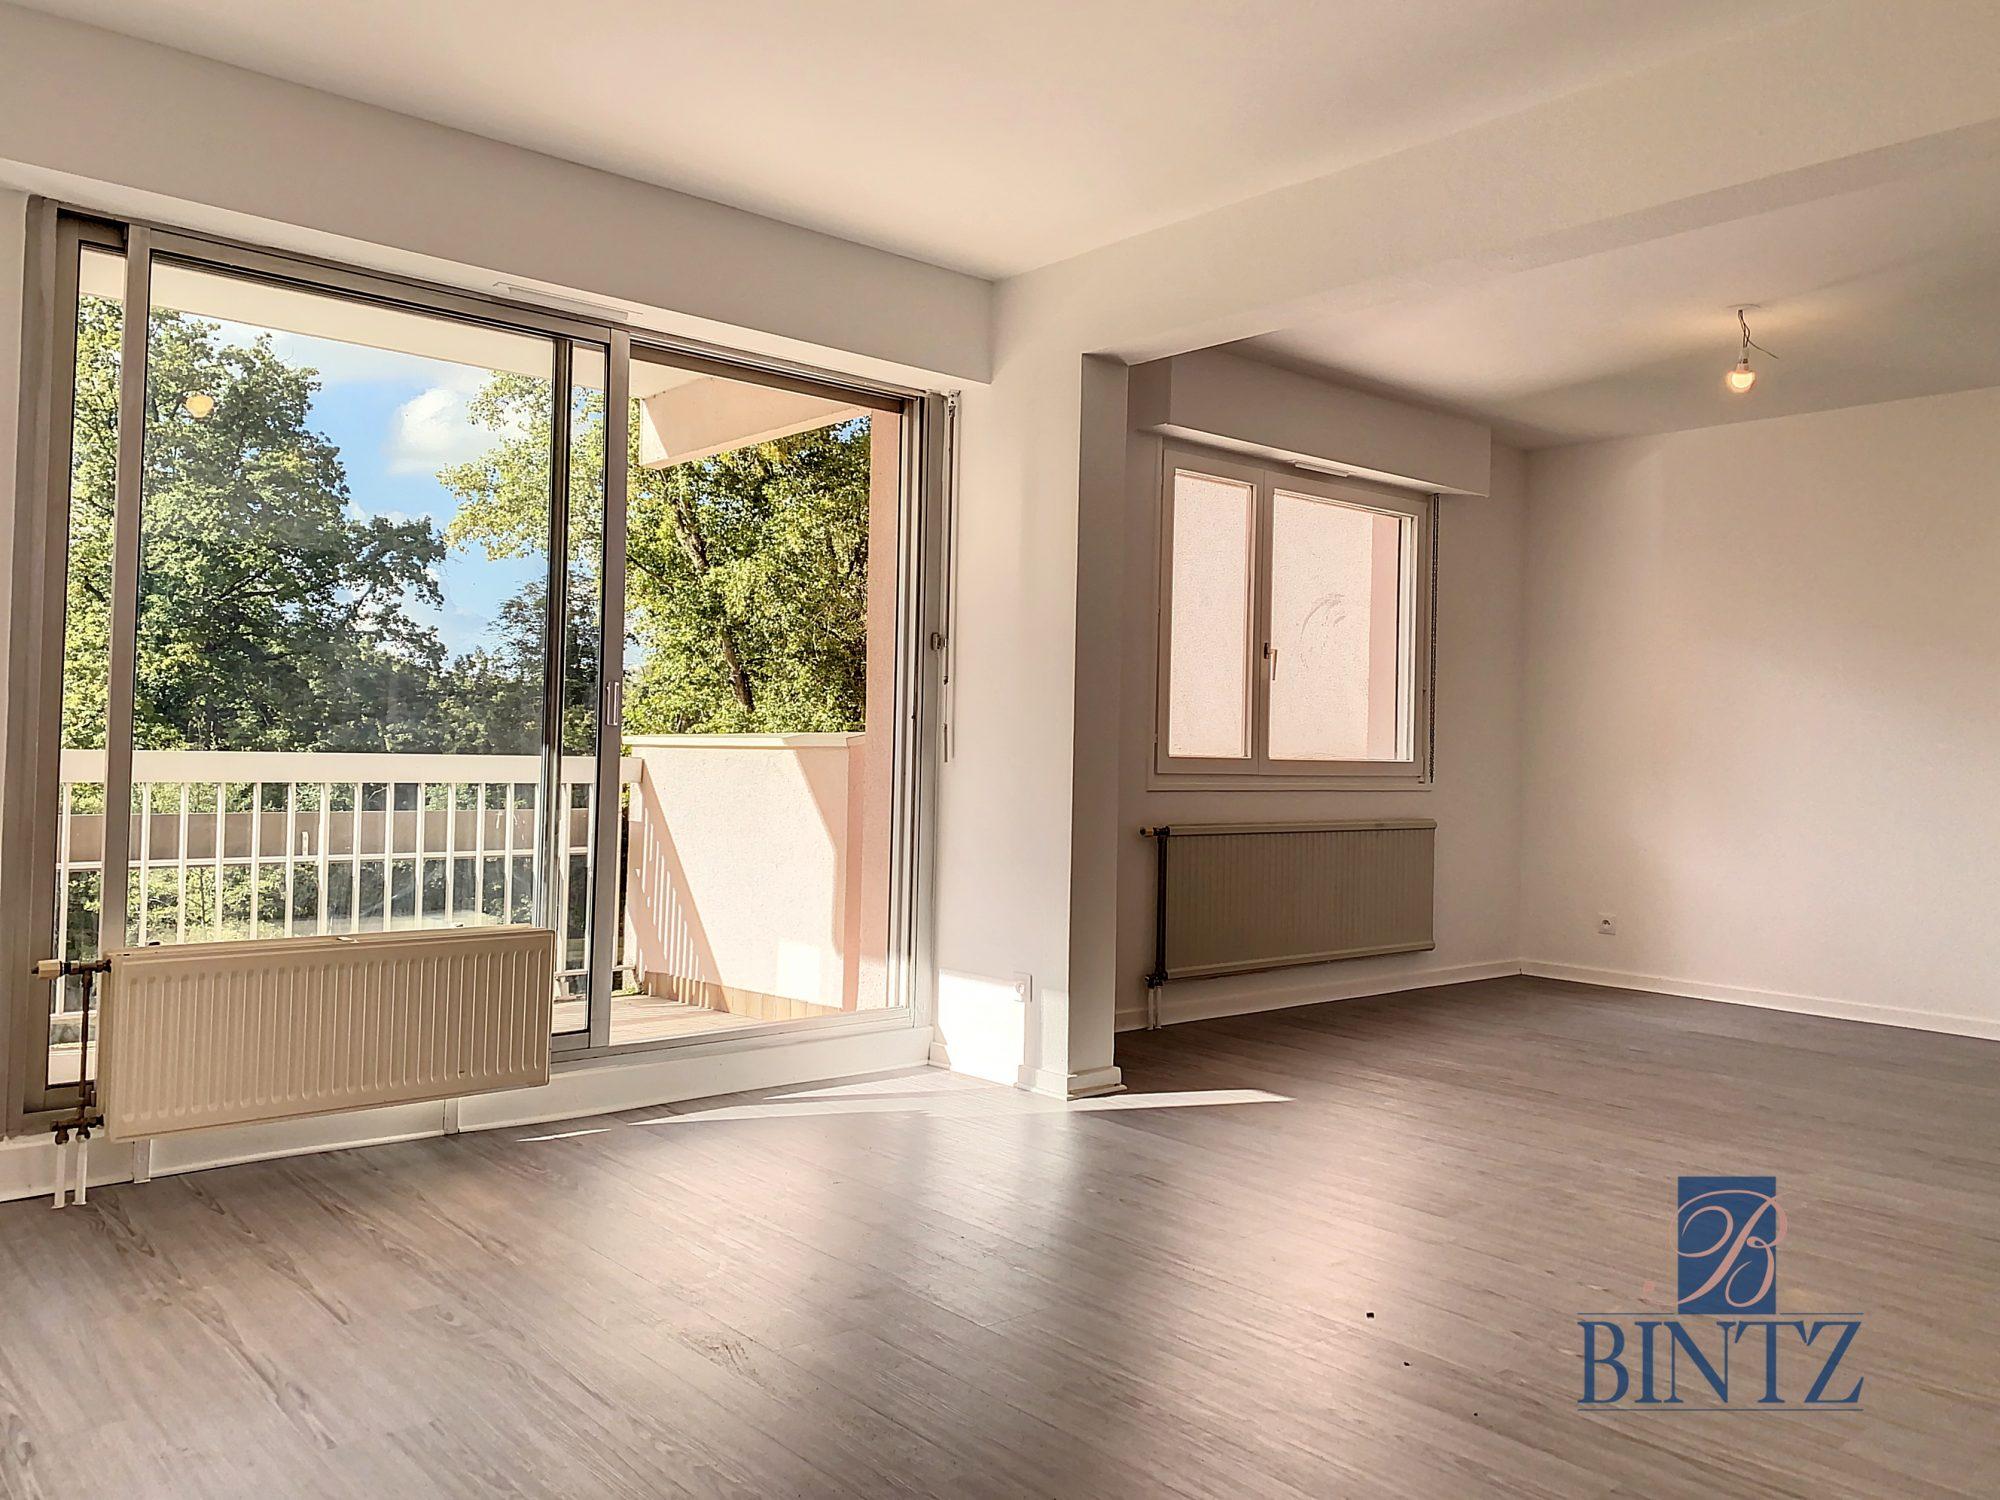 2PÈCES ILLKIRCH - Devenez locataire en toute sérénité - Bintz Immobilier - 3